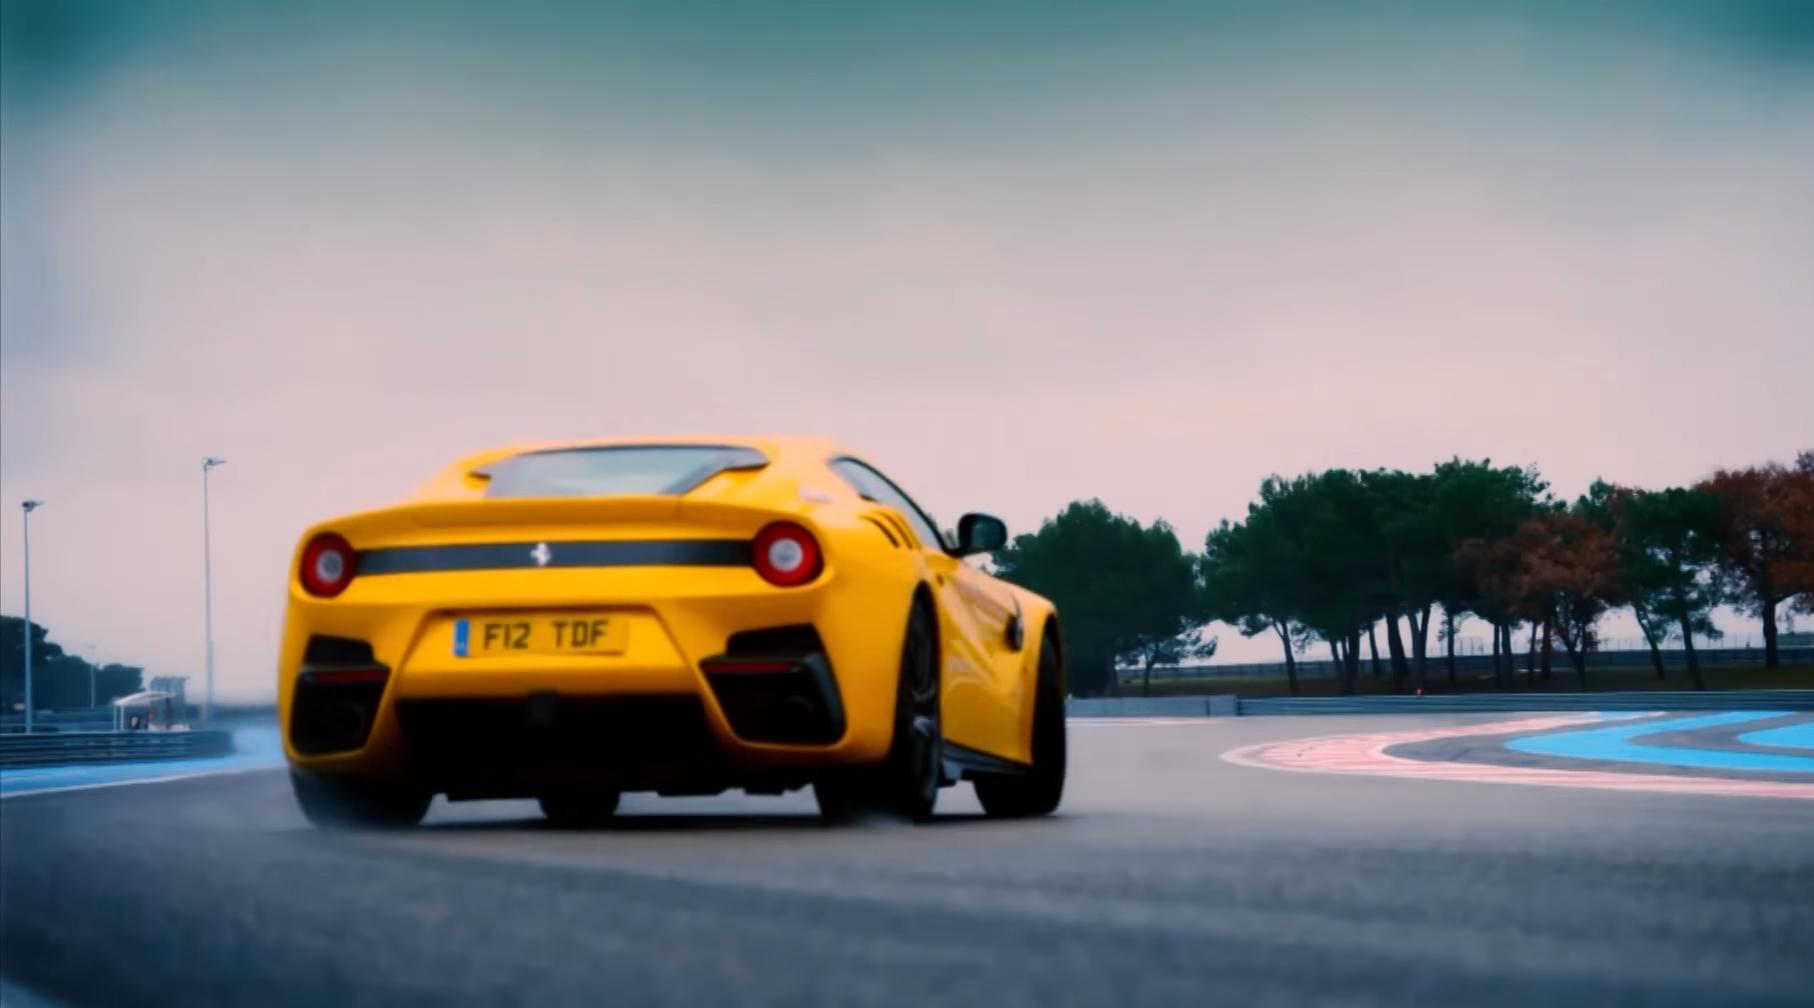 Ferrari F12 tdf vs Ferrari 250 GT Berlinetta tdf